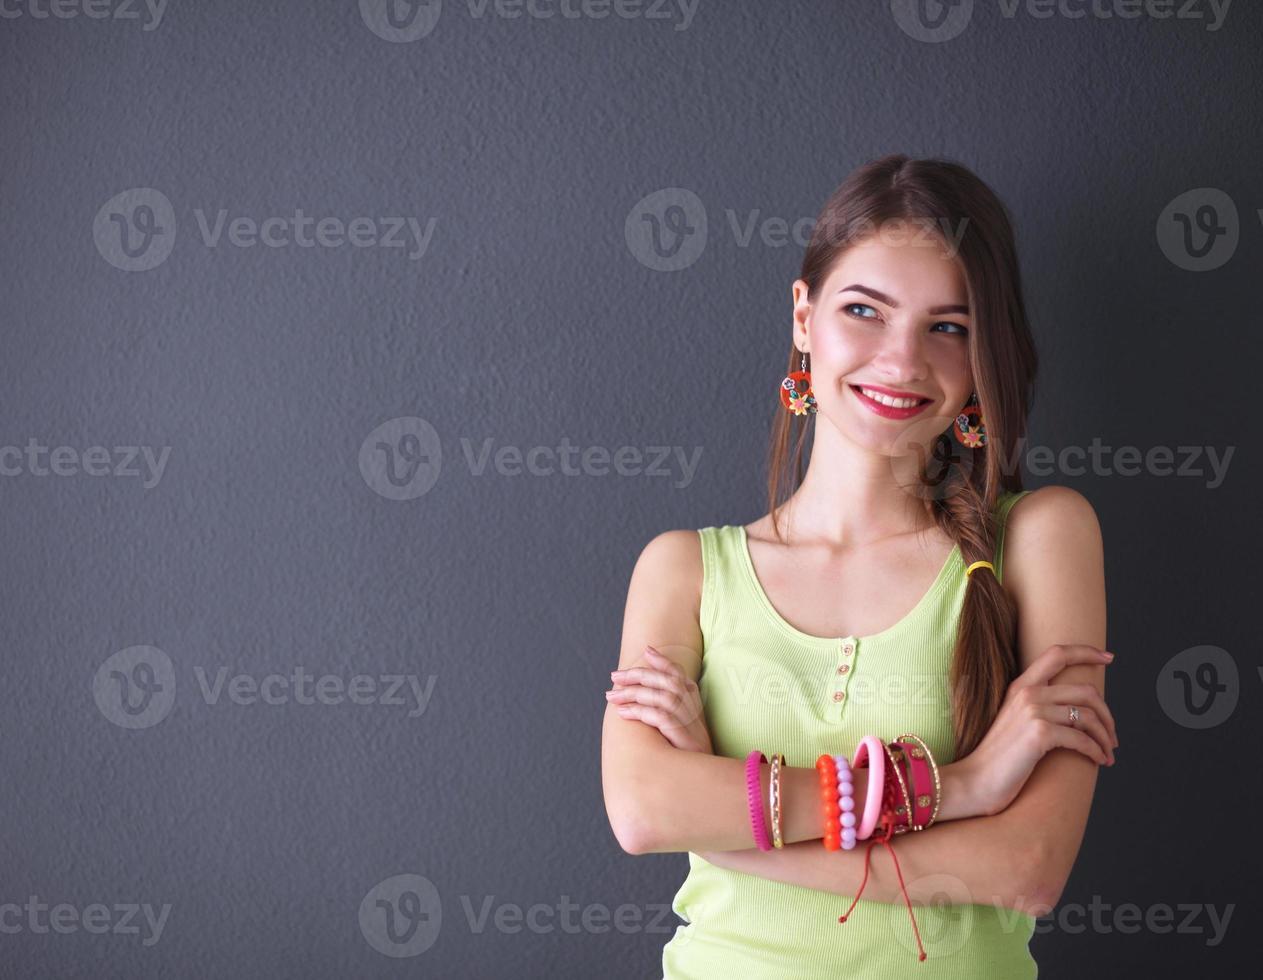 jeune femme debout, isolé sur fond gris photo